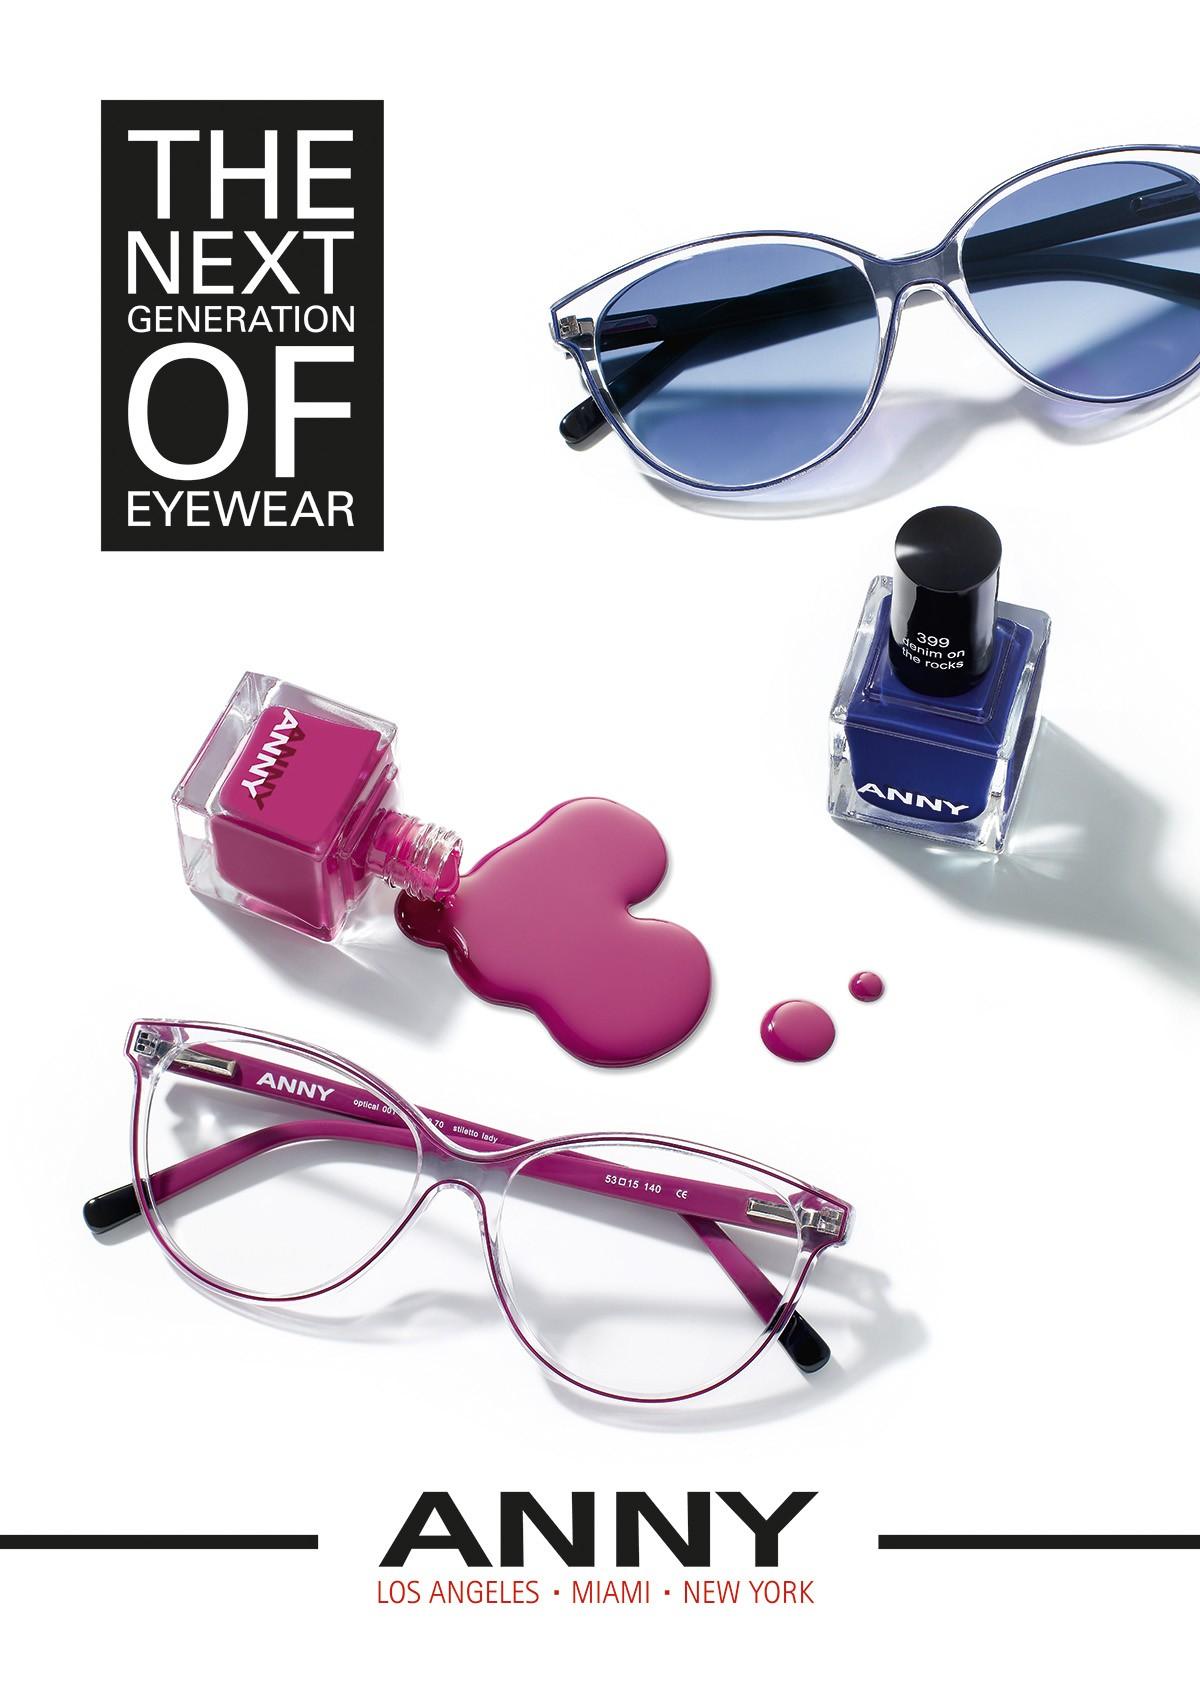 1d3f03ba1ea7 N°2 du marché des cosmétiques en Allemagne, la marque Anny est devenue, en  2 ans, une marque culte.